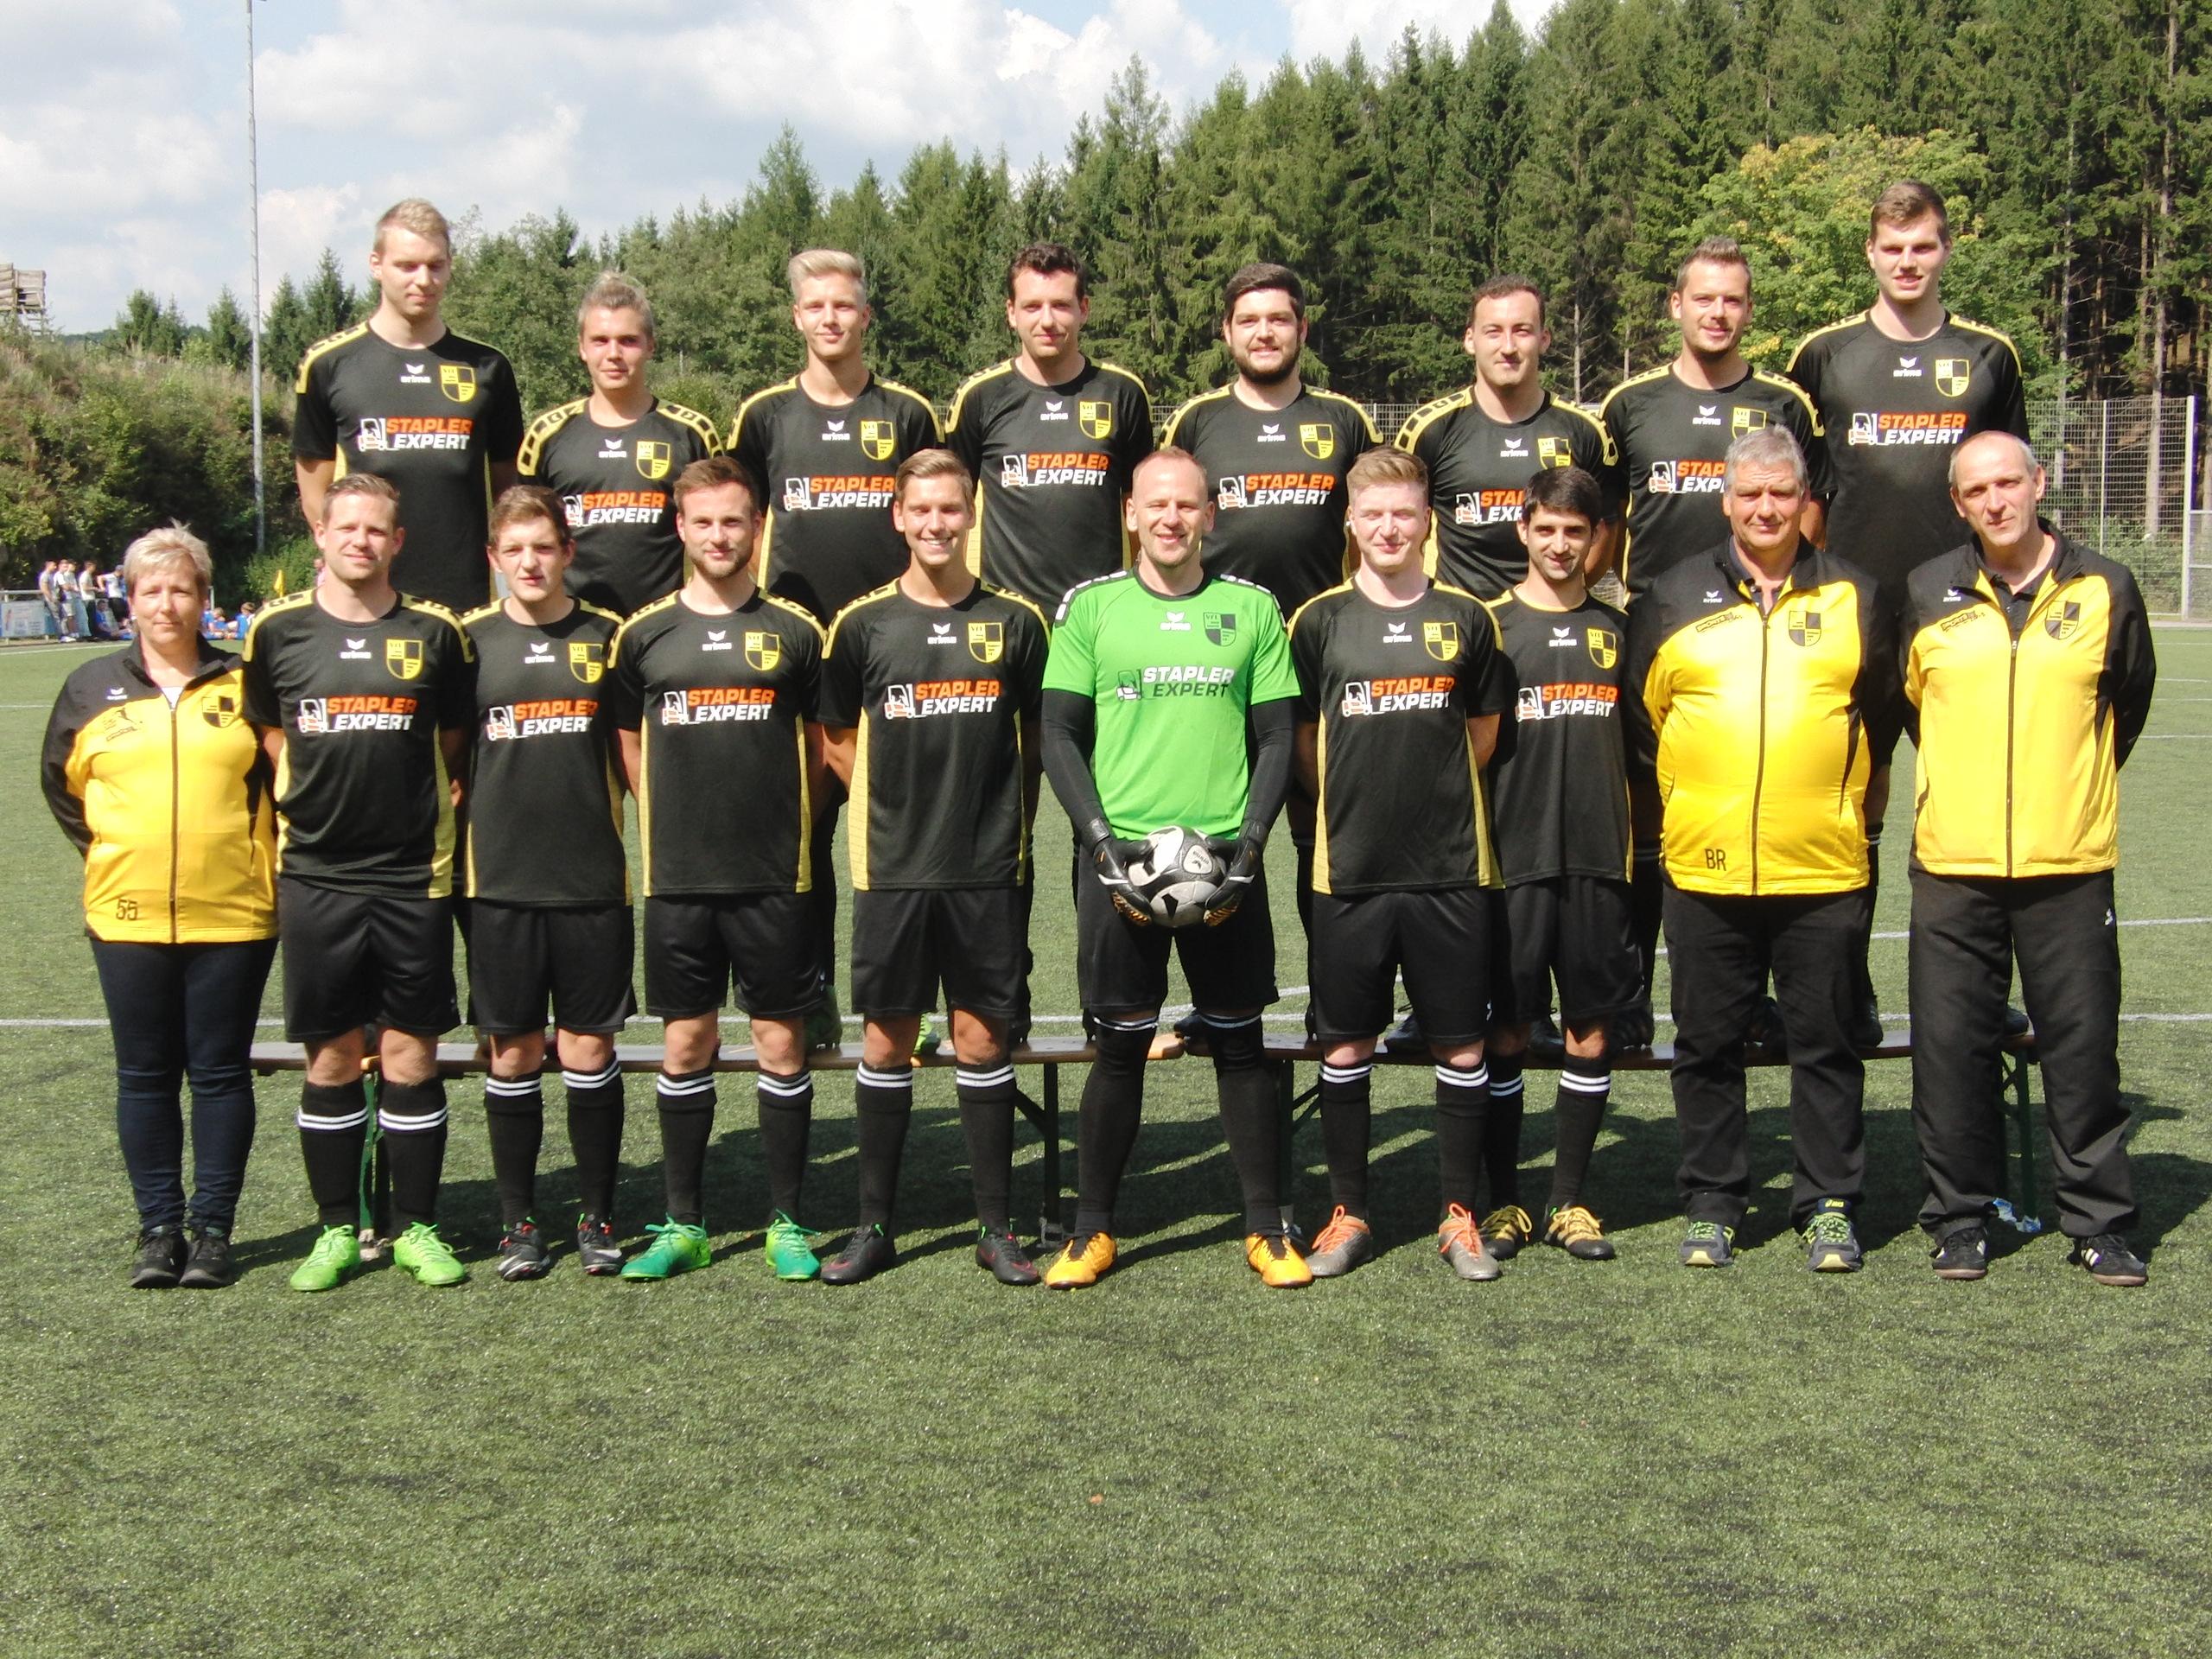 1. Mannschaft VfL Berghausen